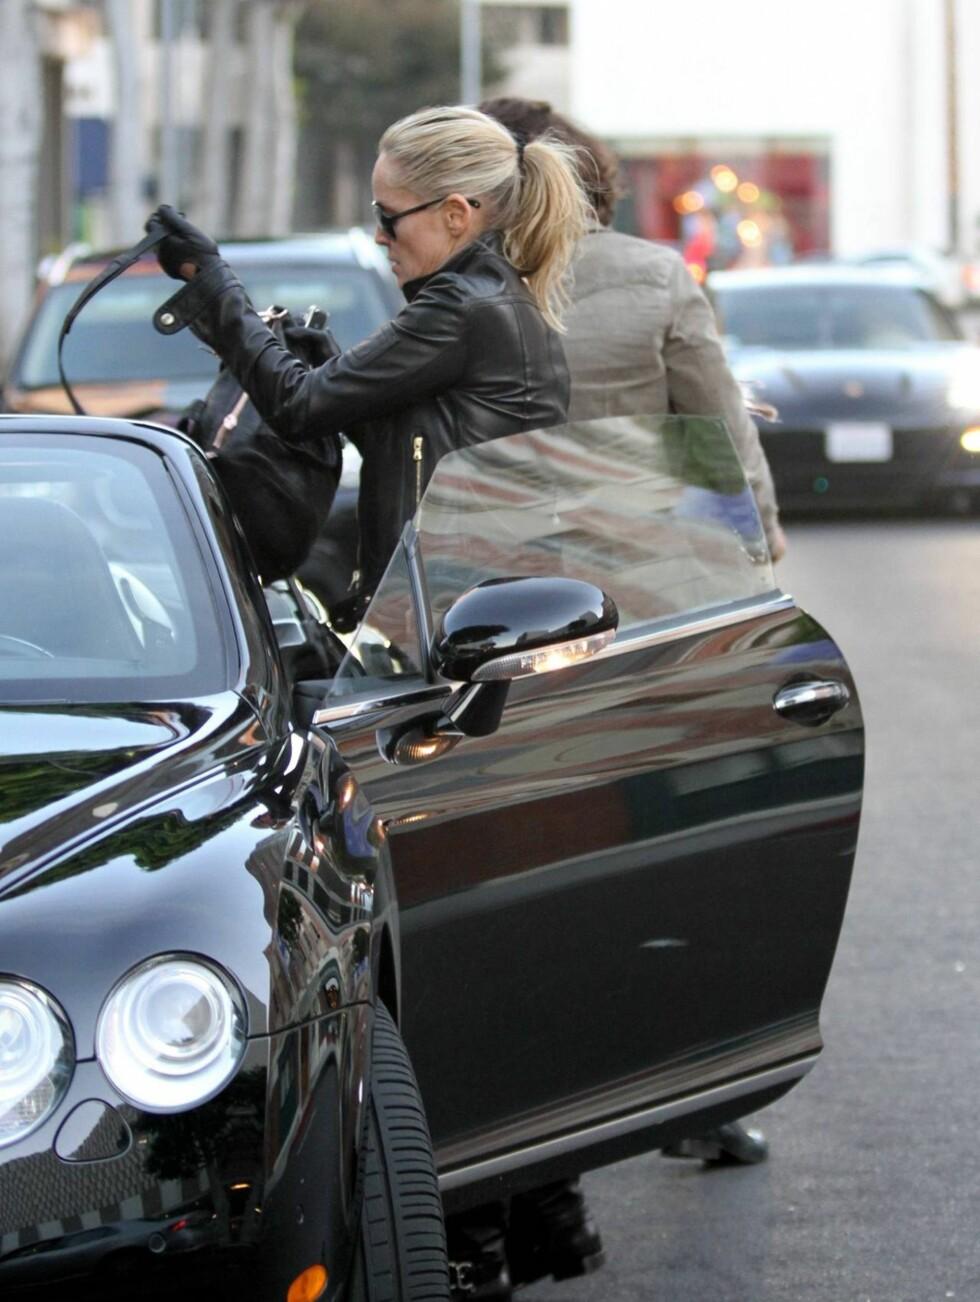 SJÅFØR: Sharon Stone satt bak rattet da paret var ferdig med onsdagsshoppingen. Foto: All Over Press